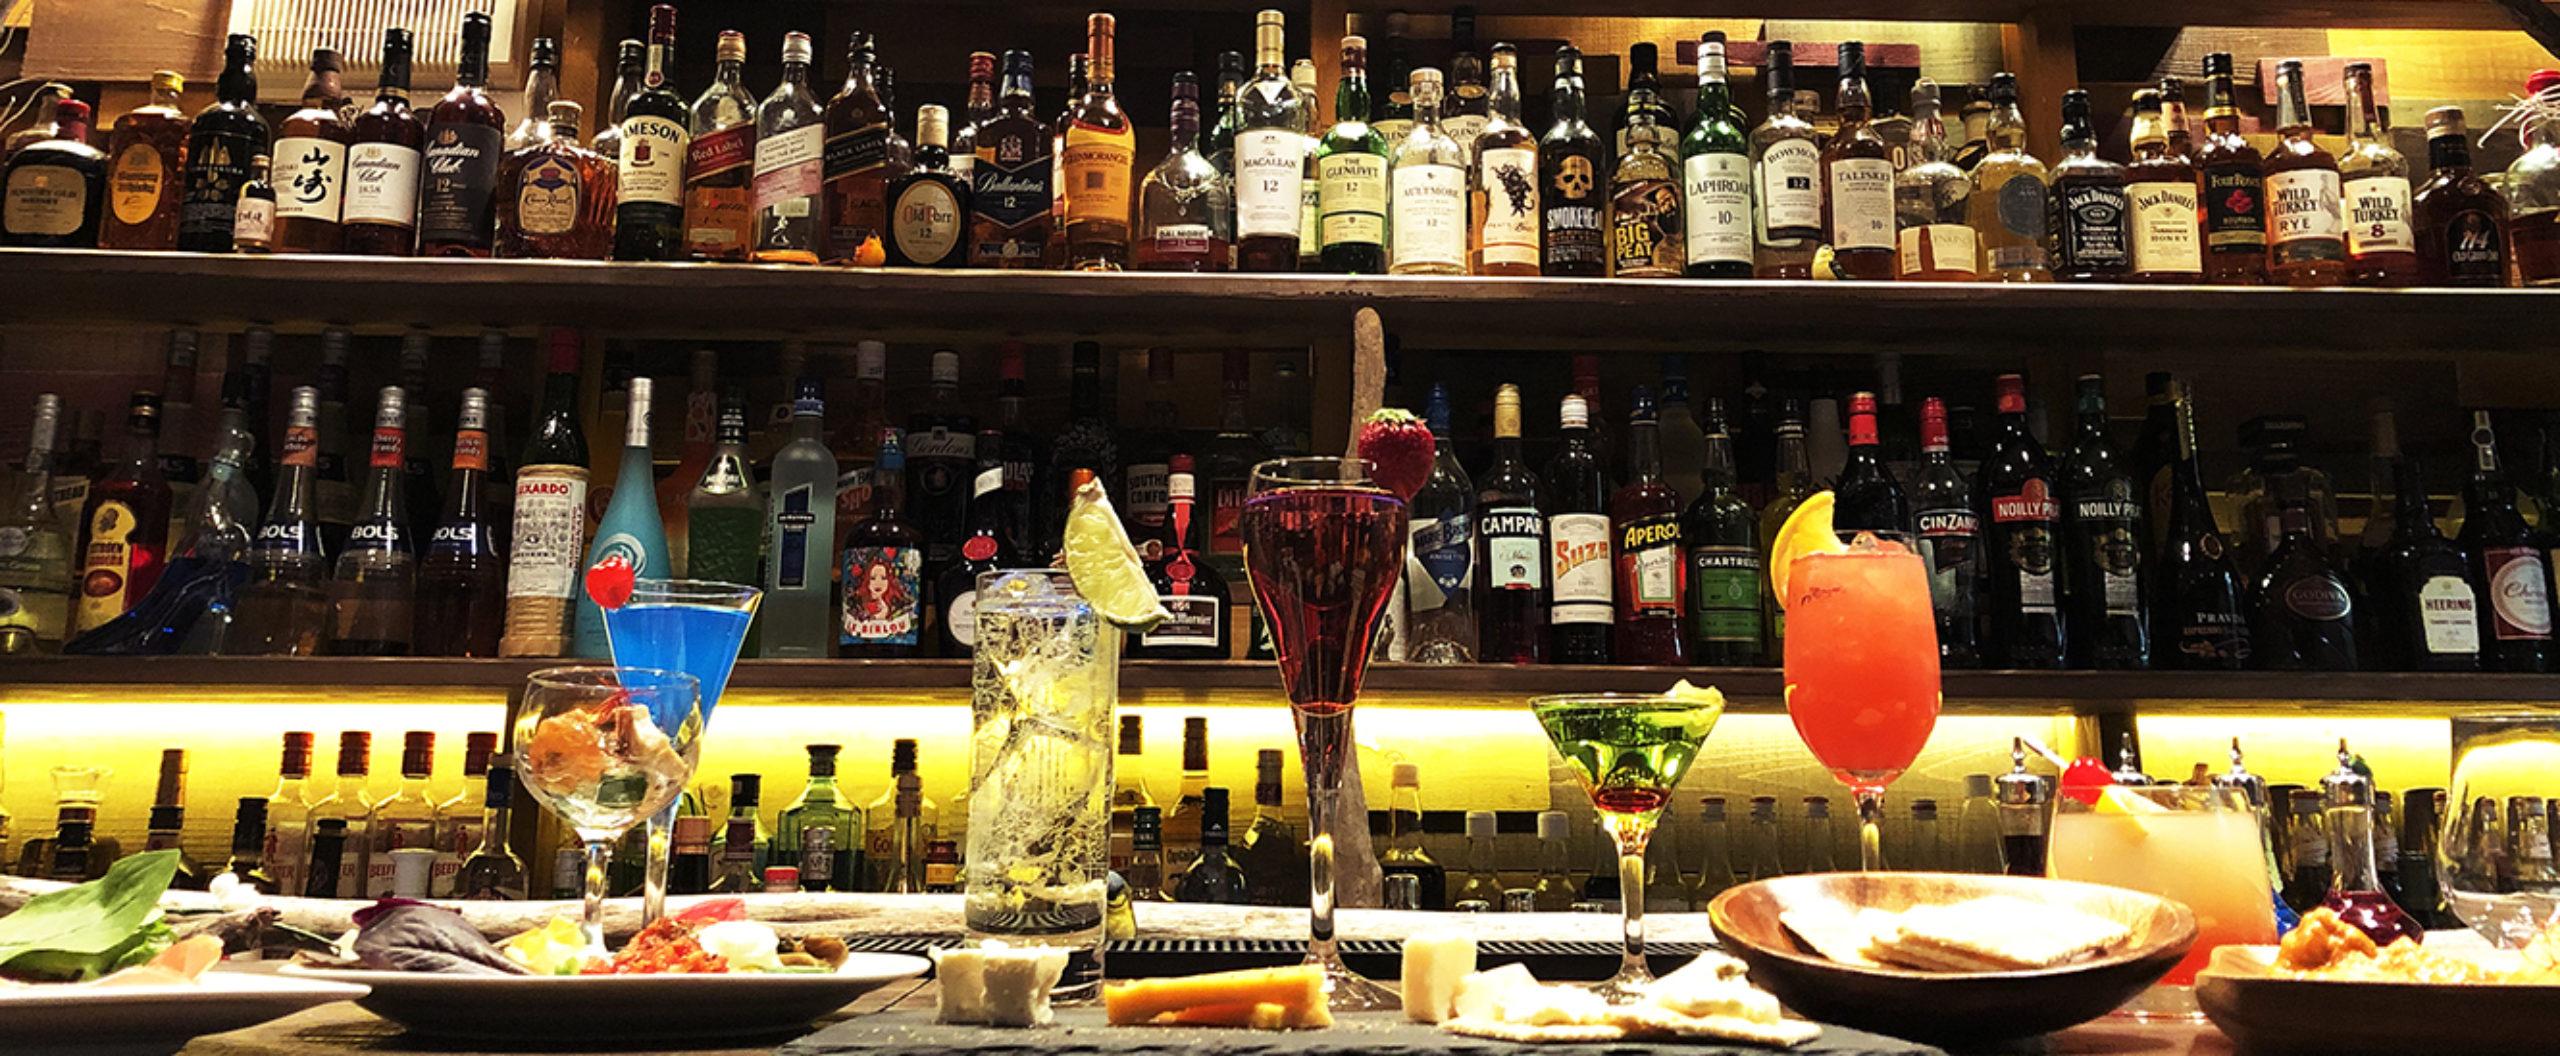 新潟県長岡市のバー ベイビーチャップリン.夜デートや二次会・女子会・歓送迎会にもおすすめ。イメージカクテル、ノンアルコールカクテルもご用意。バー初心者様大歓迎!